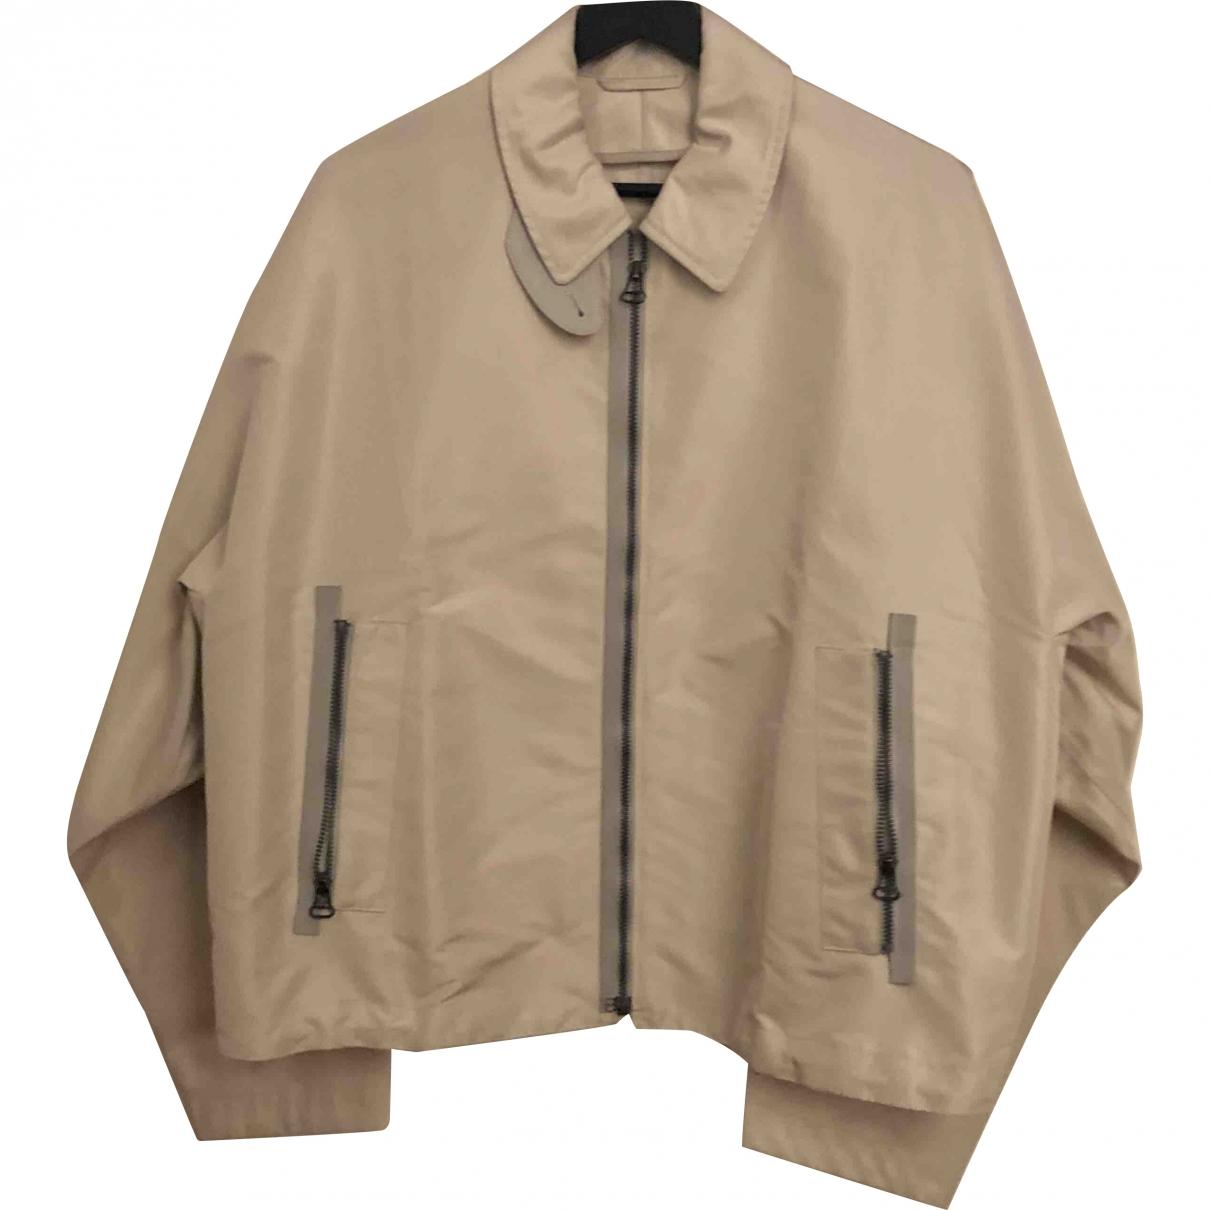 Lanvin \N Ecru jacket  for Men 36 UK - US